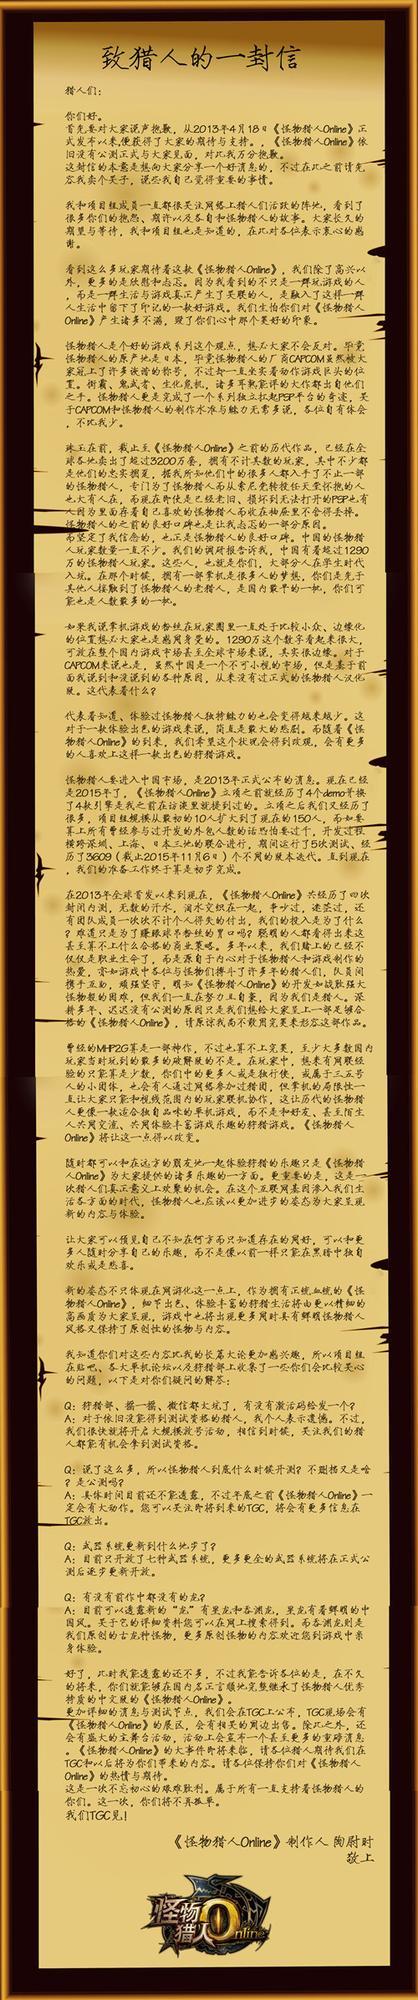 《怪物猎人OL》制作人陶尉时 致猎人的一封信